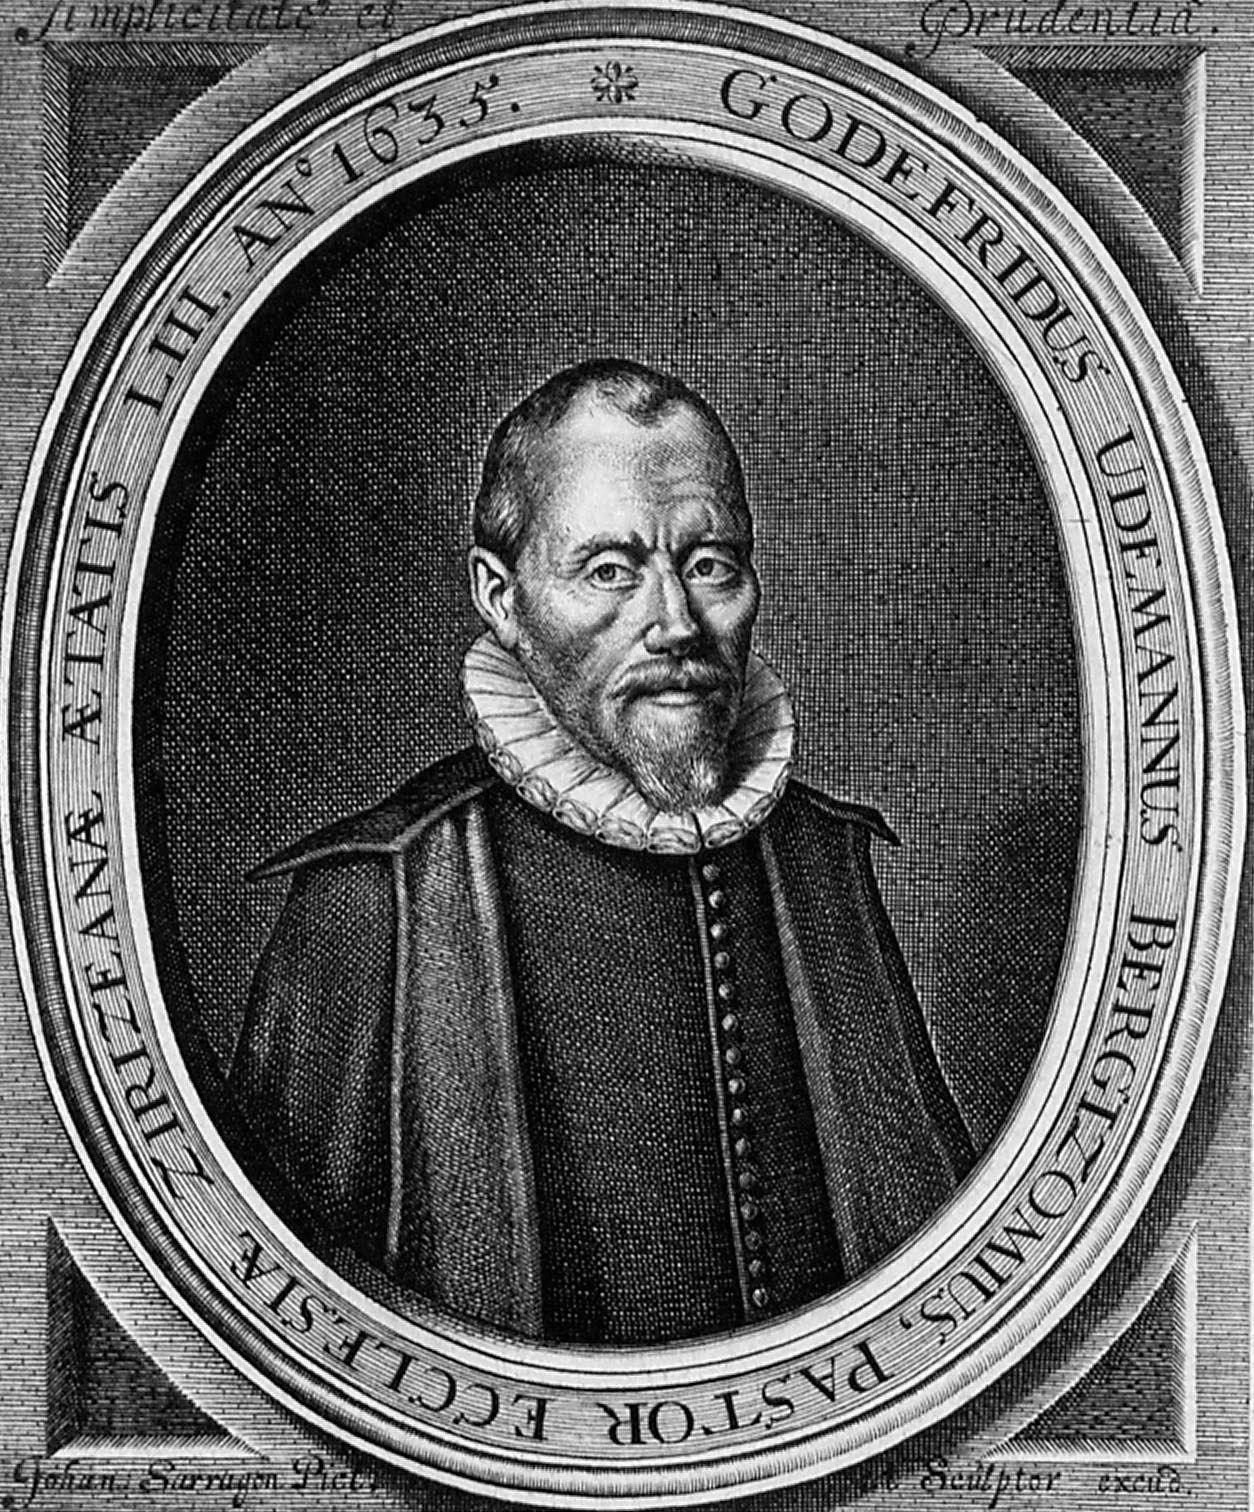 Portret van Godefridus Udemans (1581-1649), predikant te Haamstede en Zierikzee. Kopergravure door J. Sarragon, 1635. (Zeeuws Archief, coll. Zeeuws Genootschap, Zelandia Illustrata)